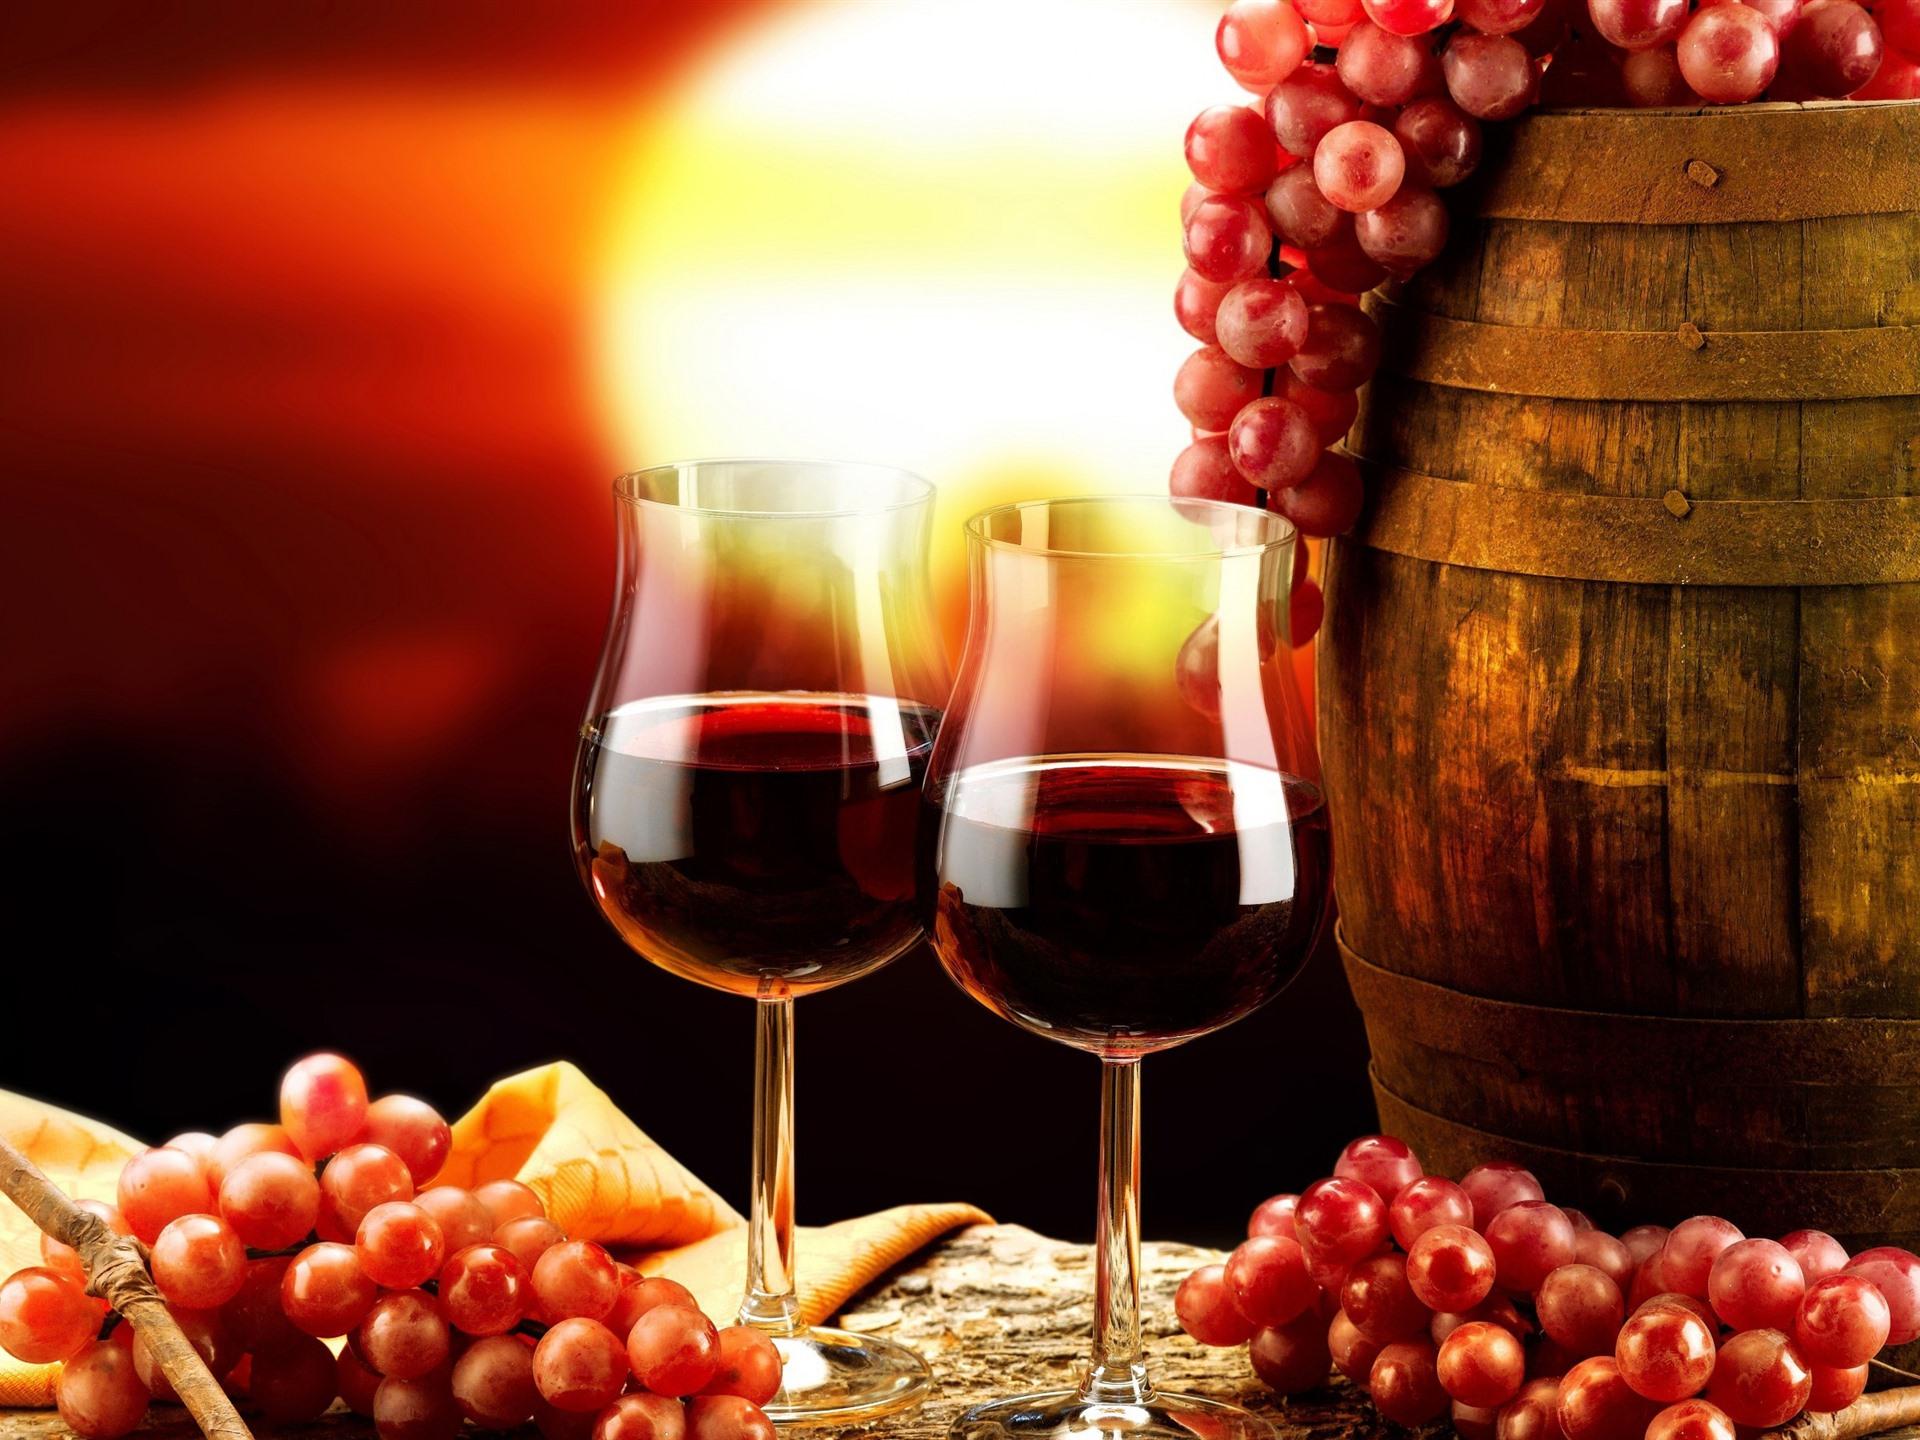 картинки праздник вино заказываем продукцию известных